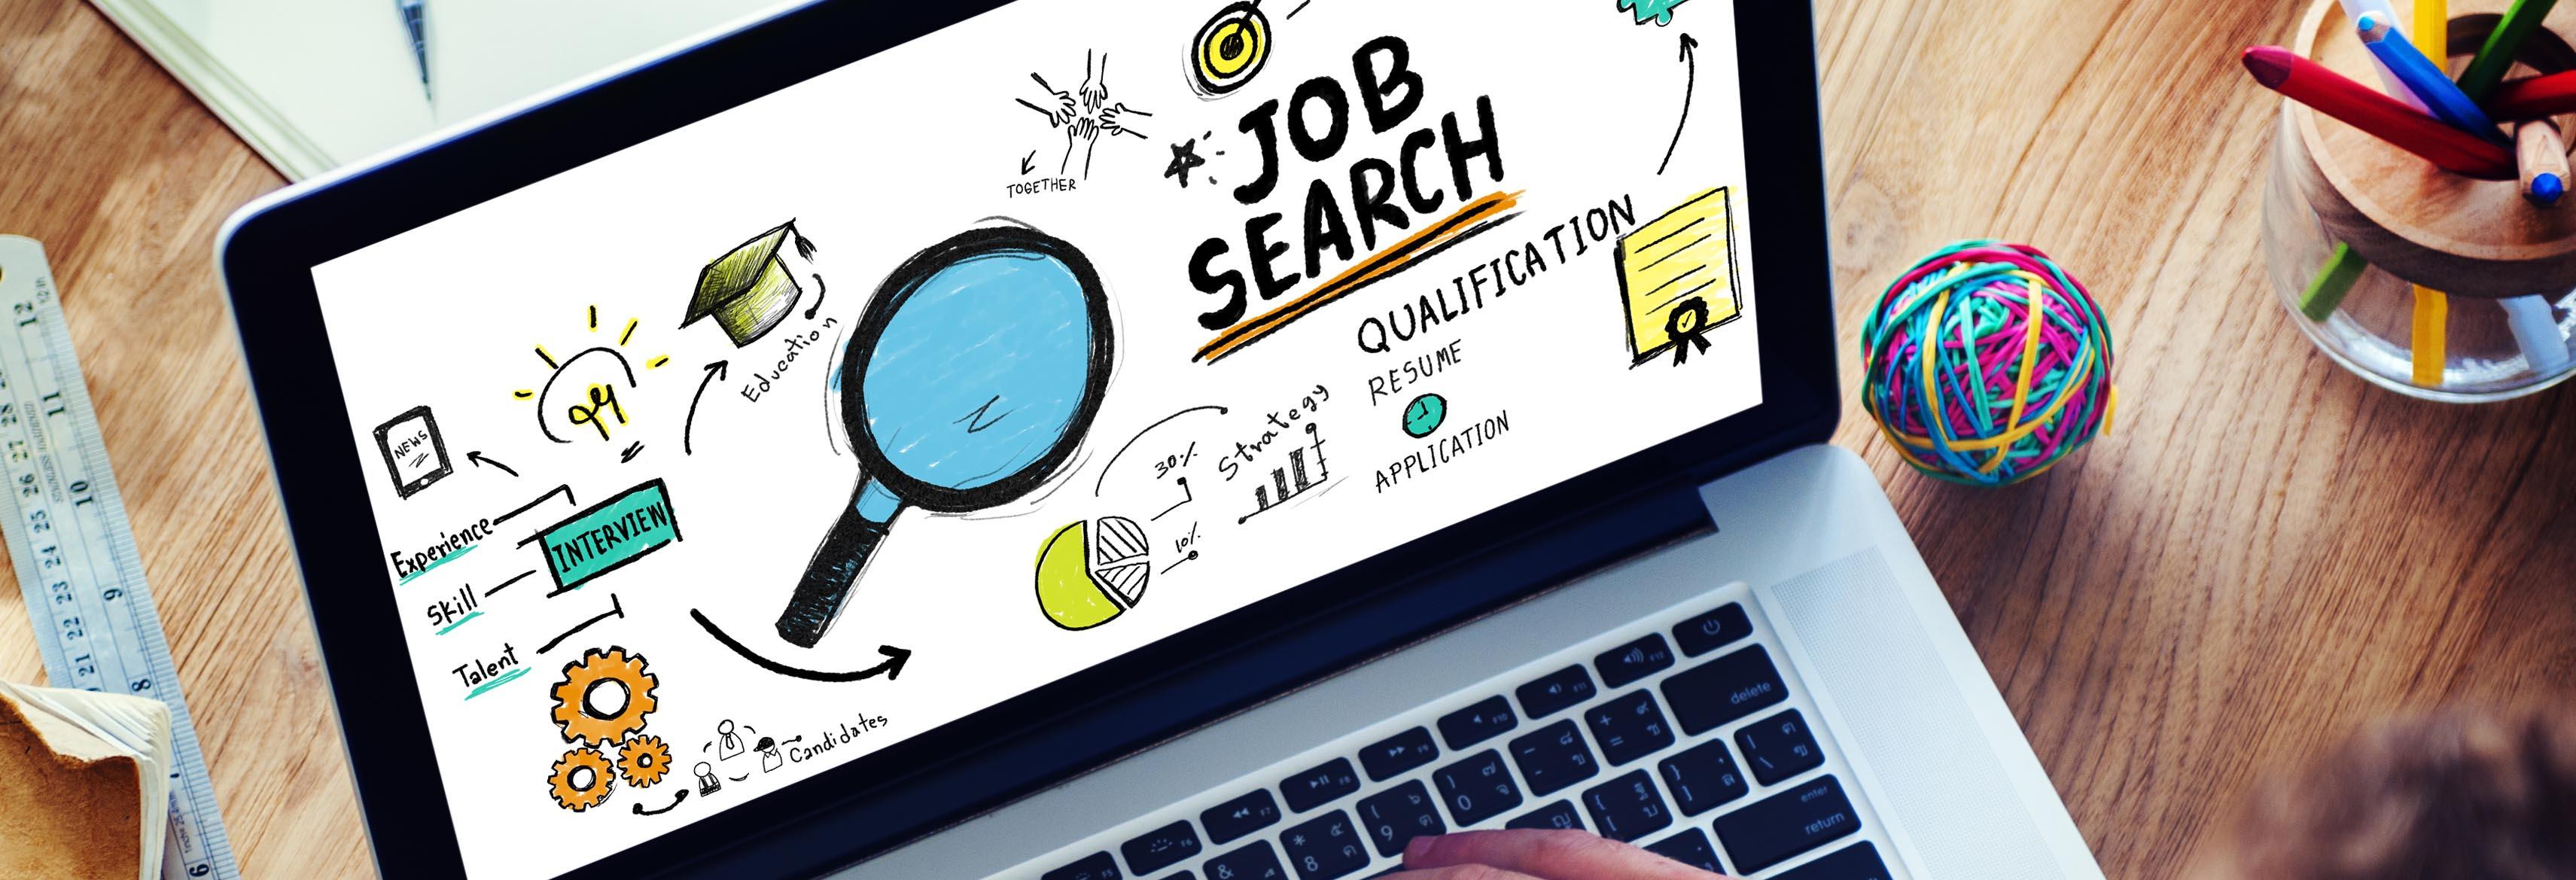 Job Search SB روزیاتو: واژگان طلایی که در مصاحبه های شغلی معجزه میکنند اخبار IT